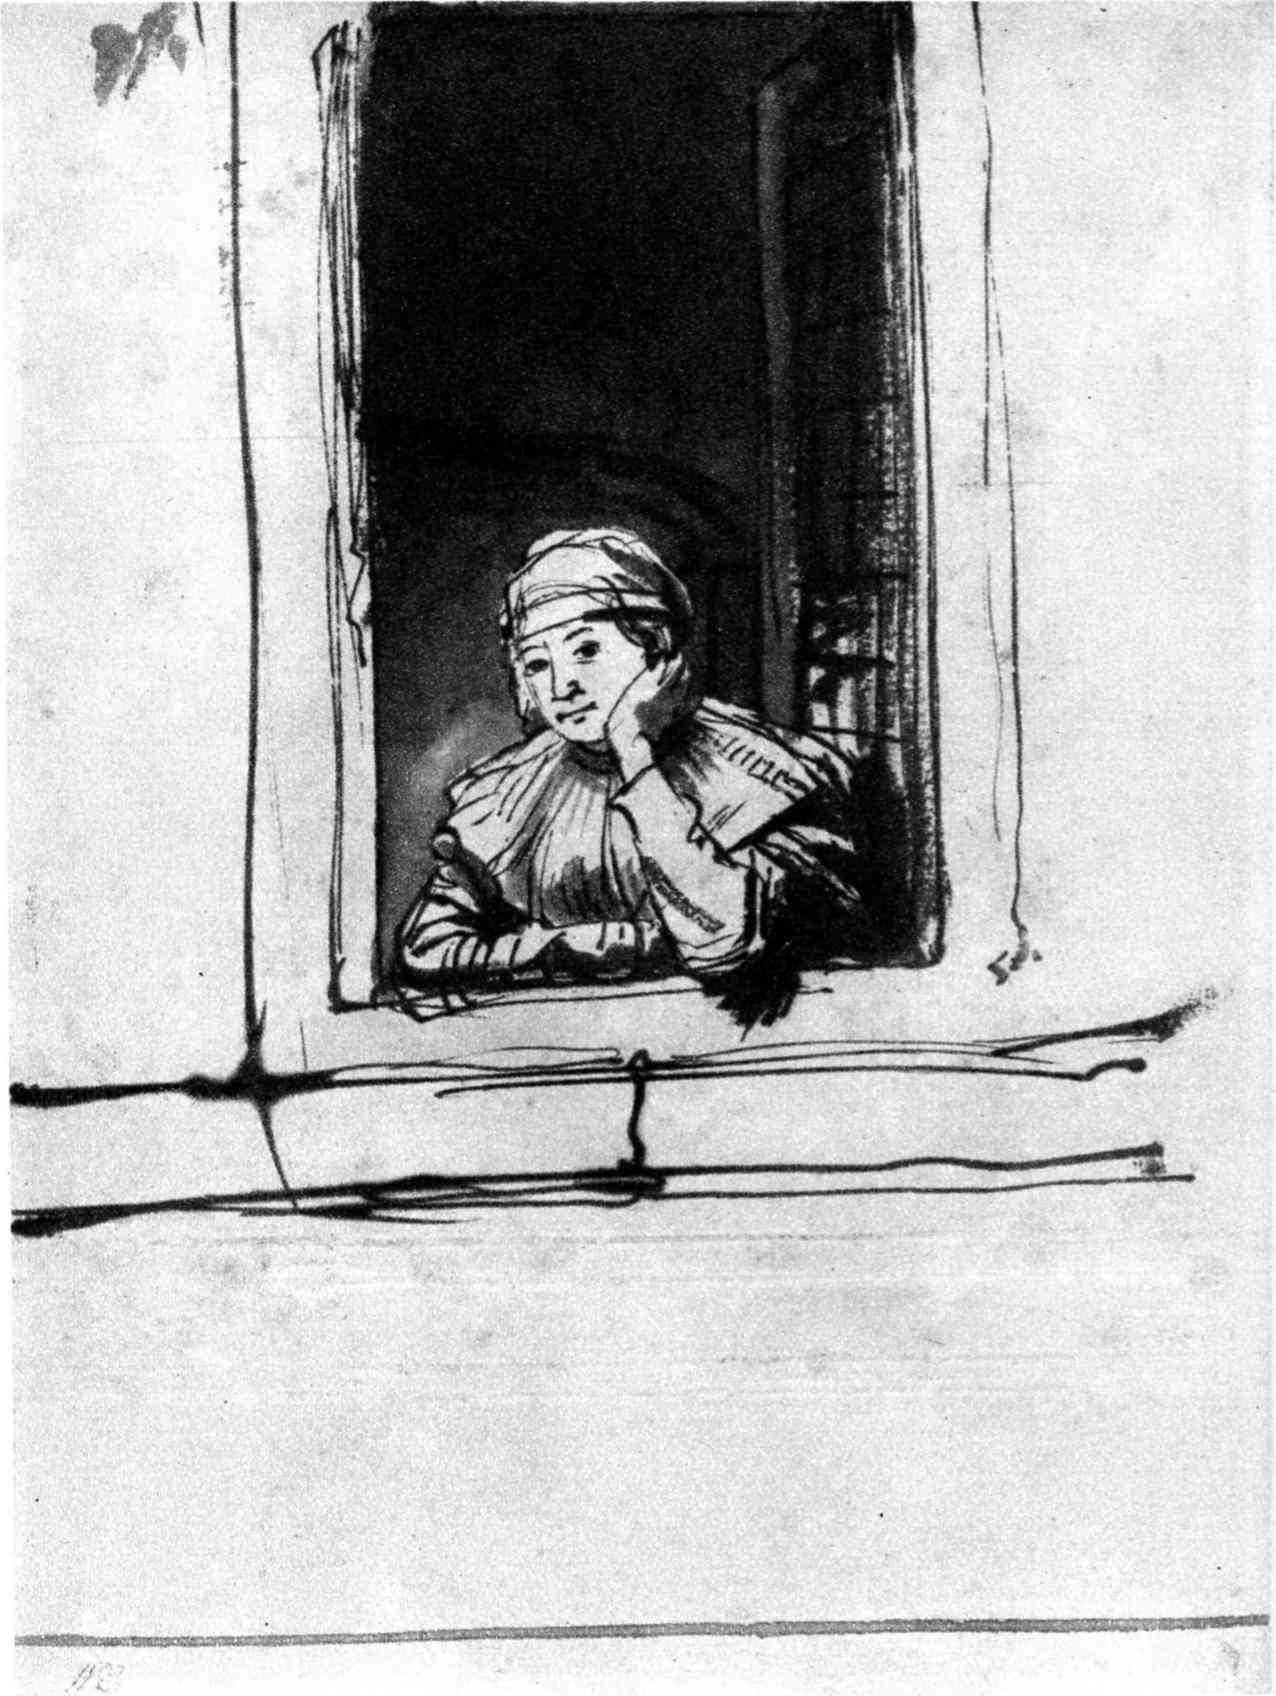 Saskia regardant par la Fénêtre, 1635, encre, (image du Musée Boynans van Beuningen, Rotterdam)